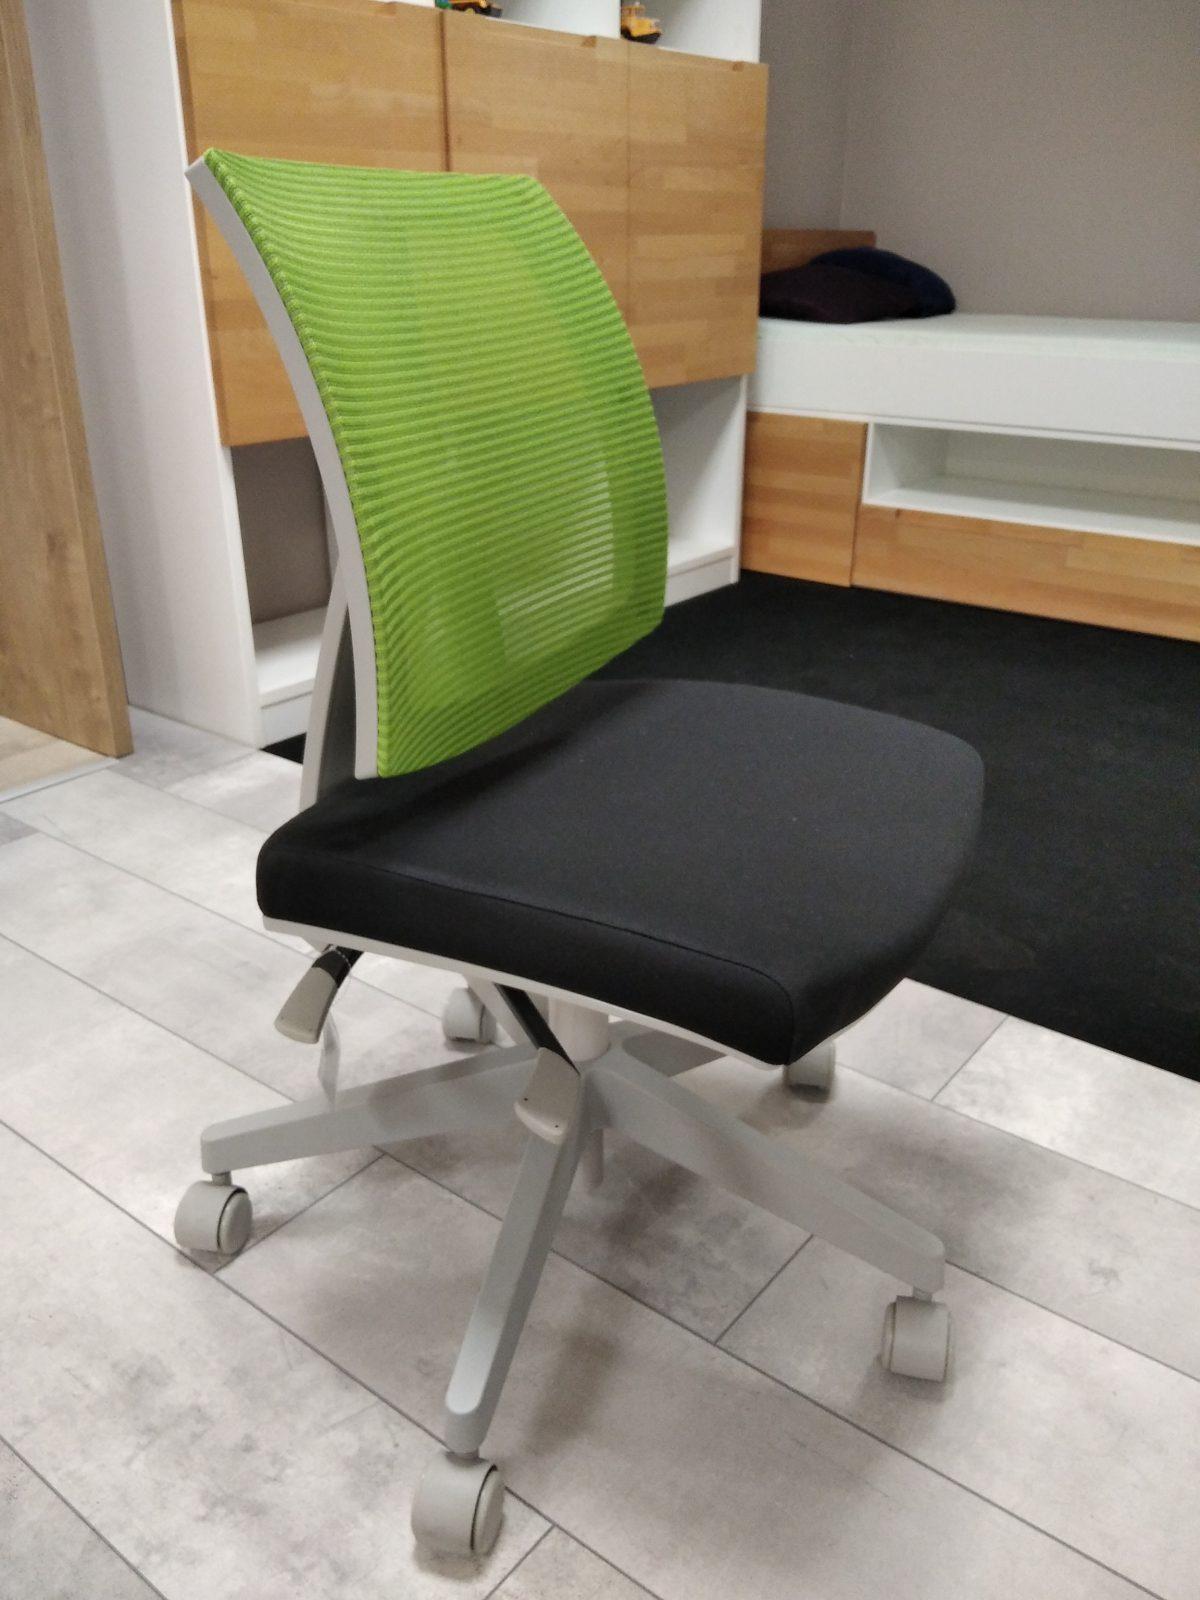 IMG 20210517 115812 1 scaled - Delso - dětský, kancelářský a bytový nábytek